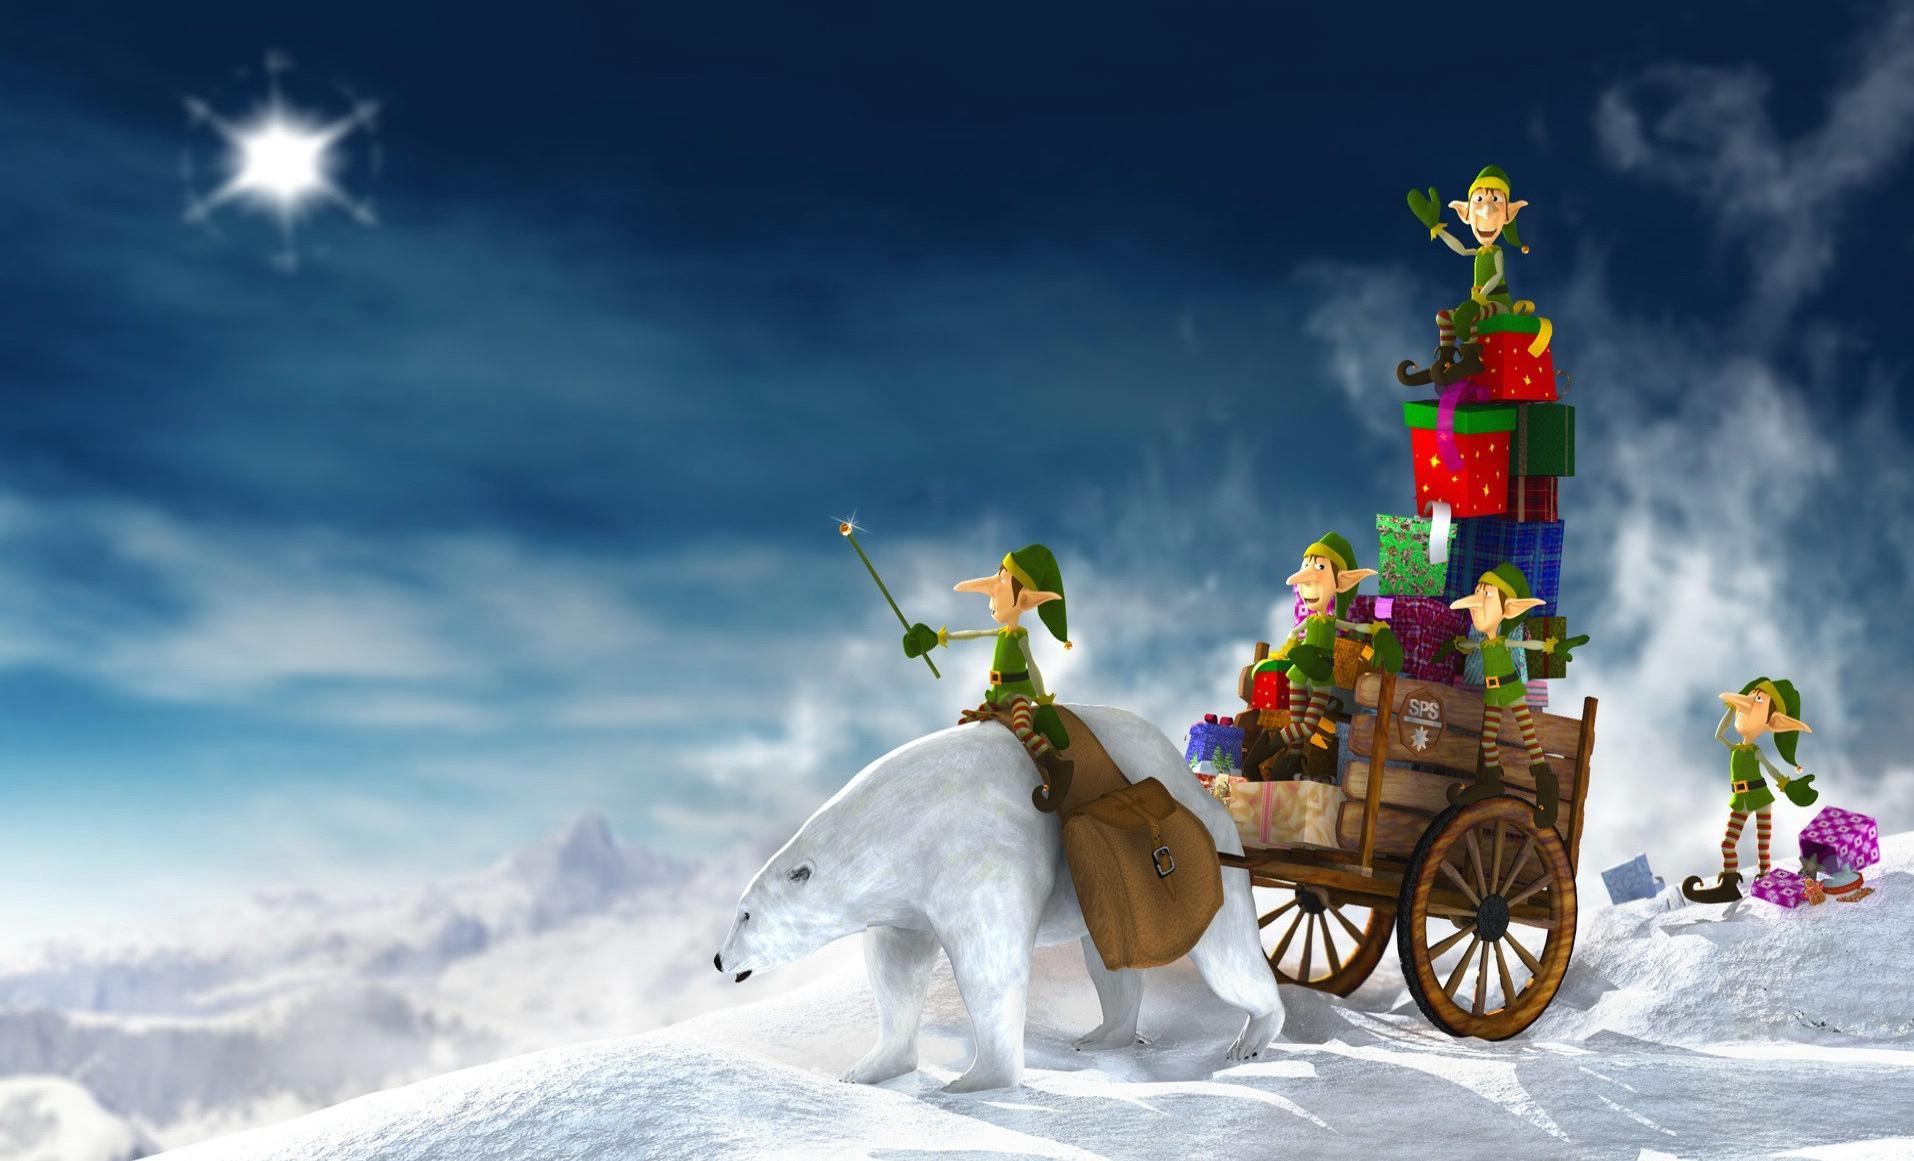 Merry Christmas Wallpaper 2015 Choice Wallpaper 1914x1161